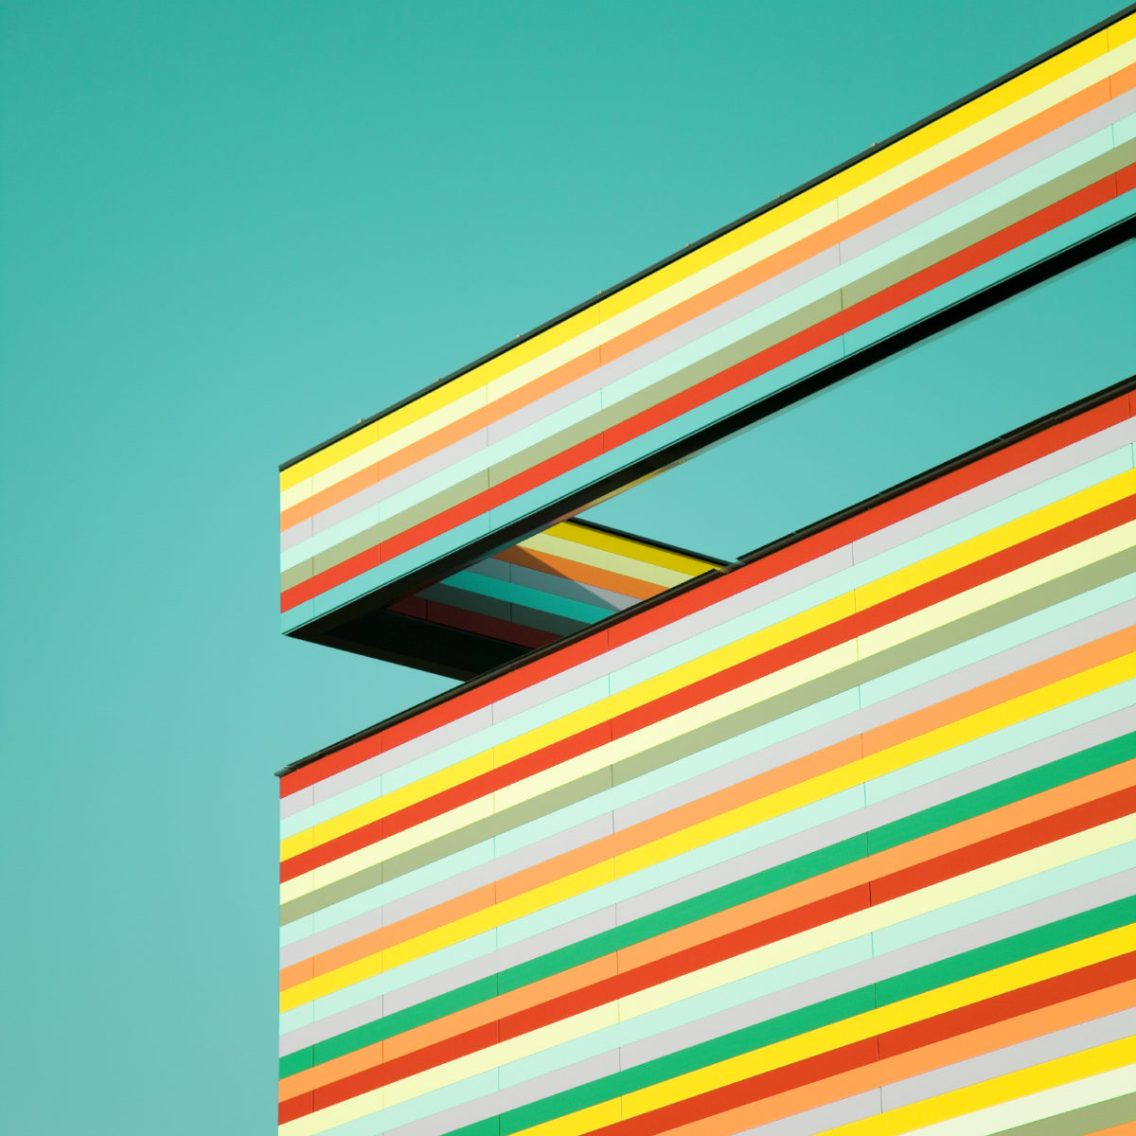 Spectrum Eins © Matthias Heiderich